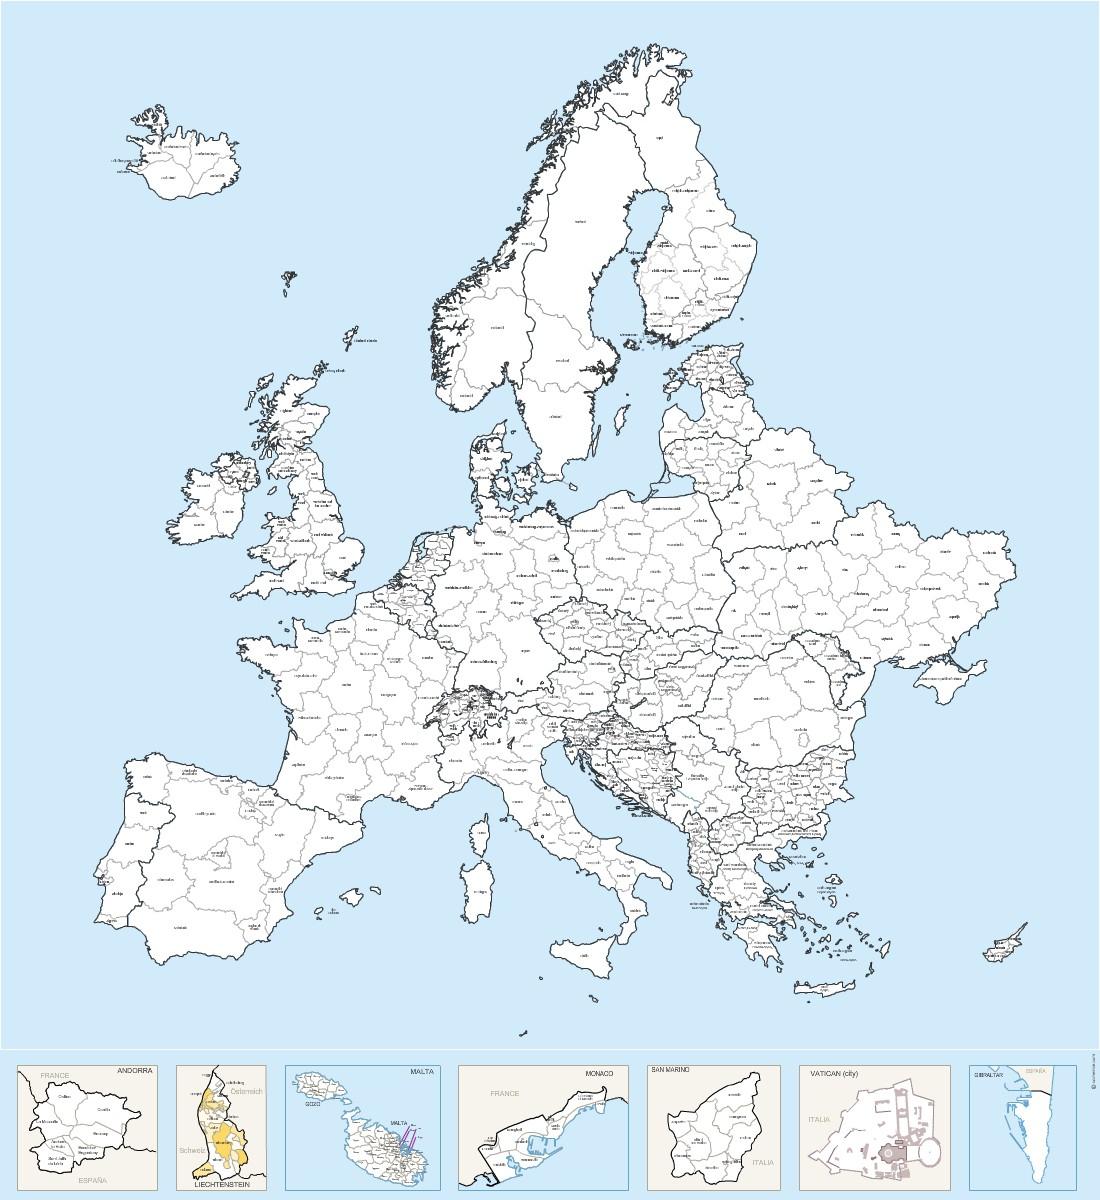 Régions Nommées D'europe - Carte Vectorielle concernant Carte Europe Avec Capitales